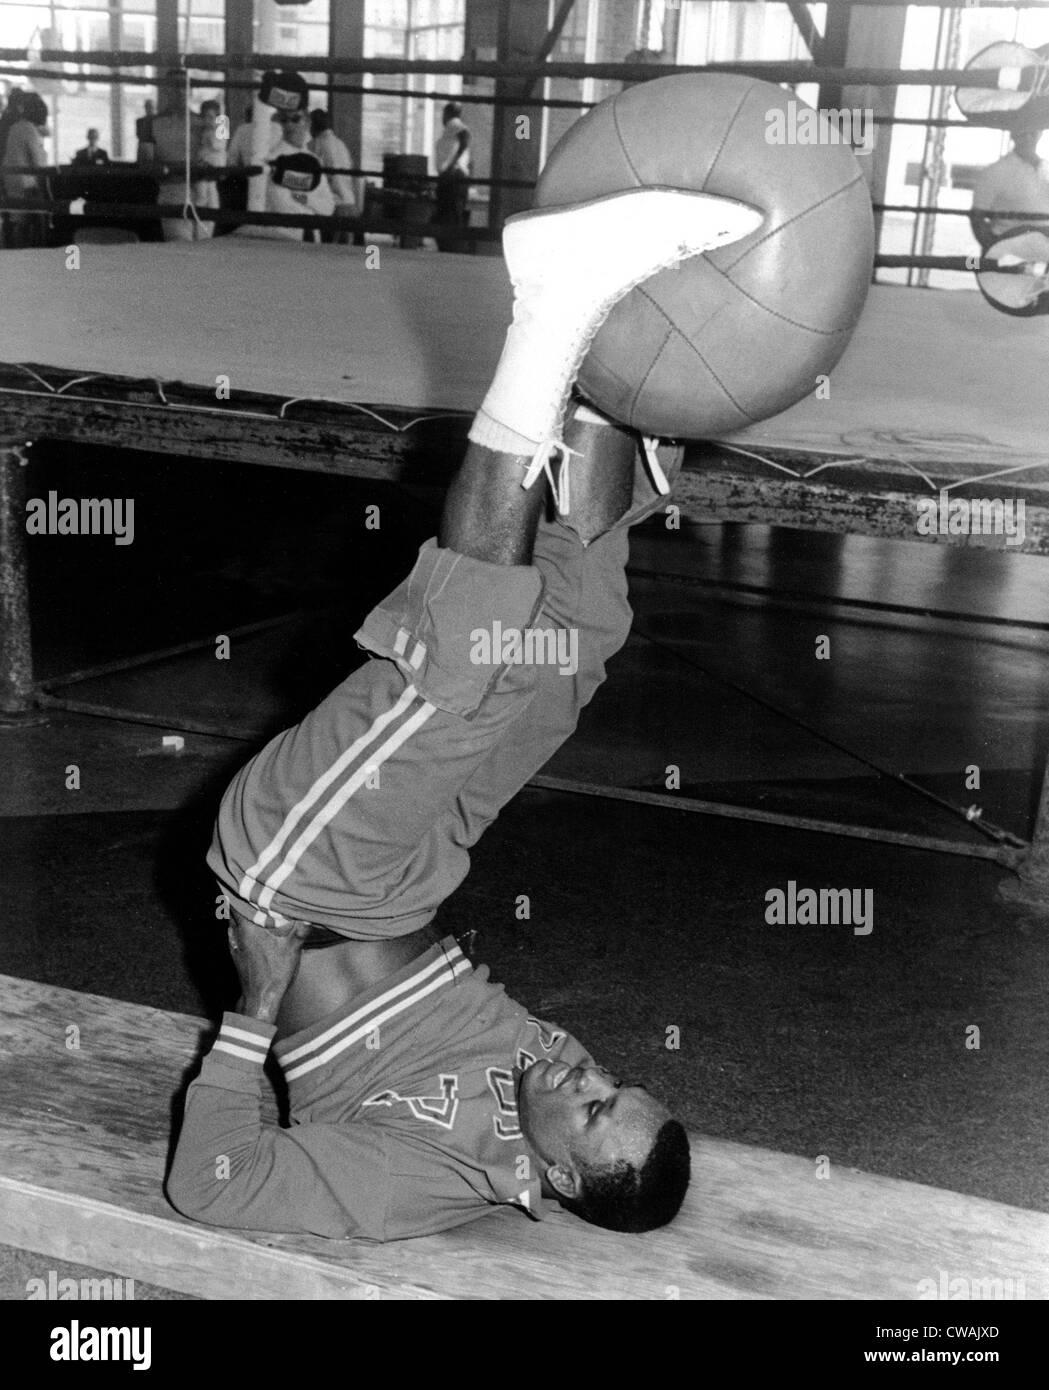 Joe Frazier in training at the Concord Hotel for bout with Oscar Bonavena, Kiamesha Lake, NY 9/13/1966. Courtesy: Stock Photo